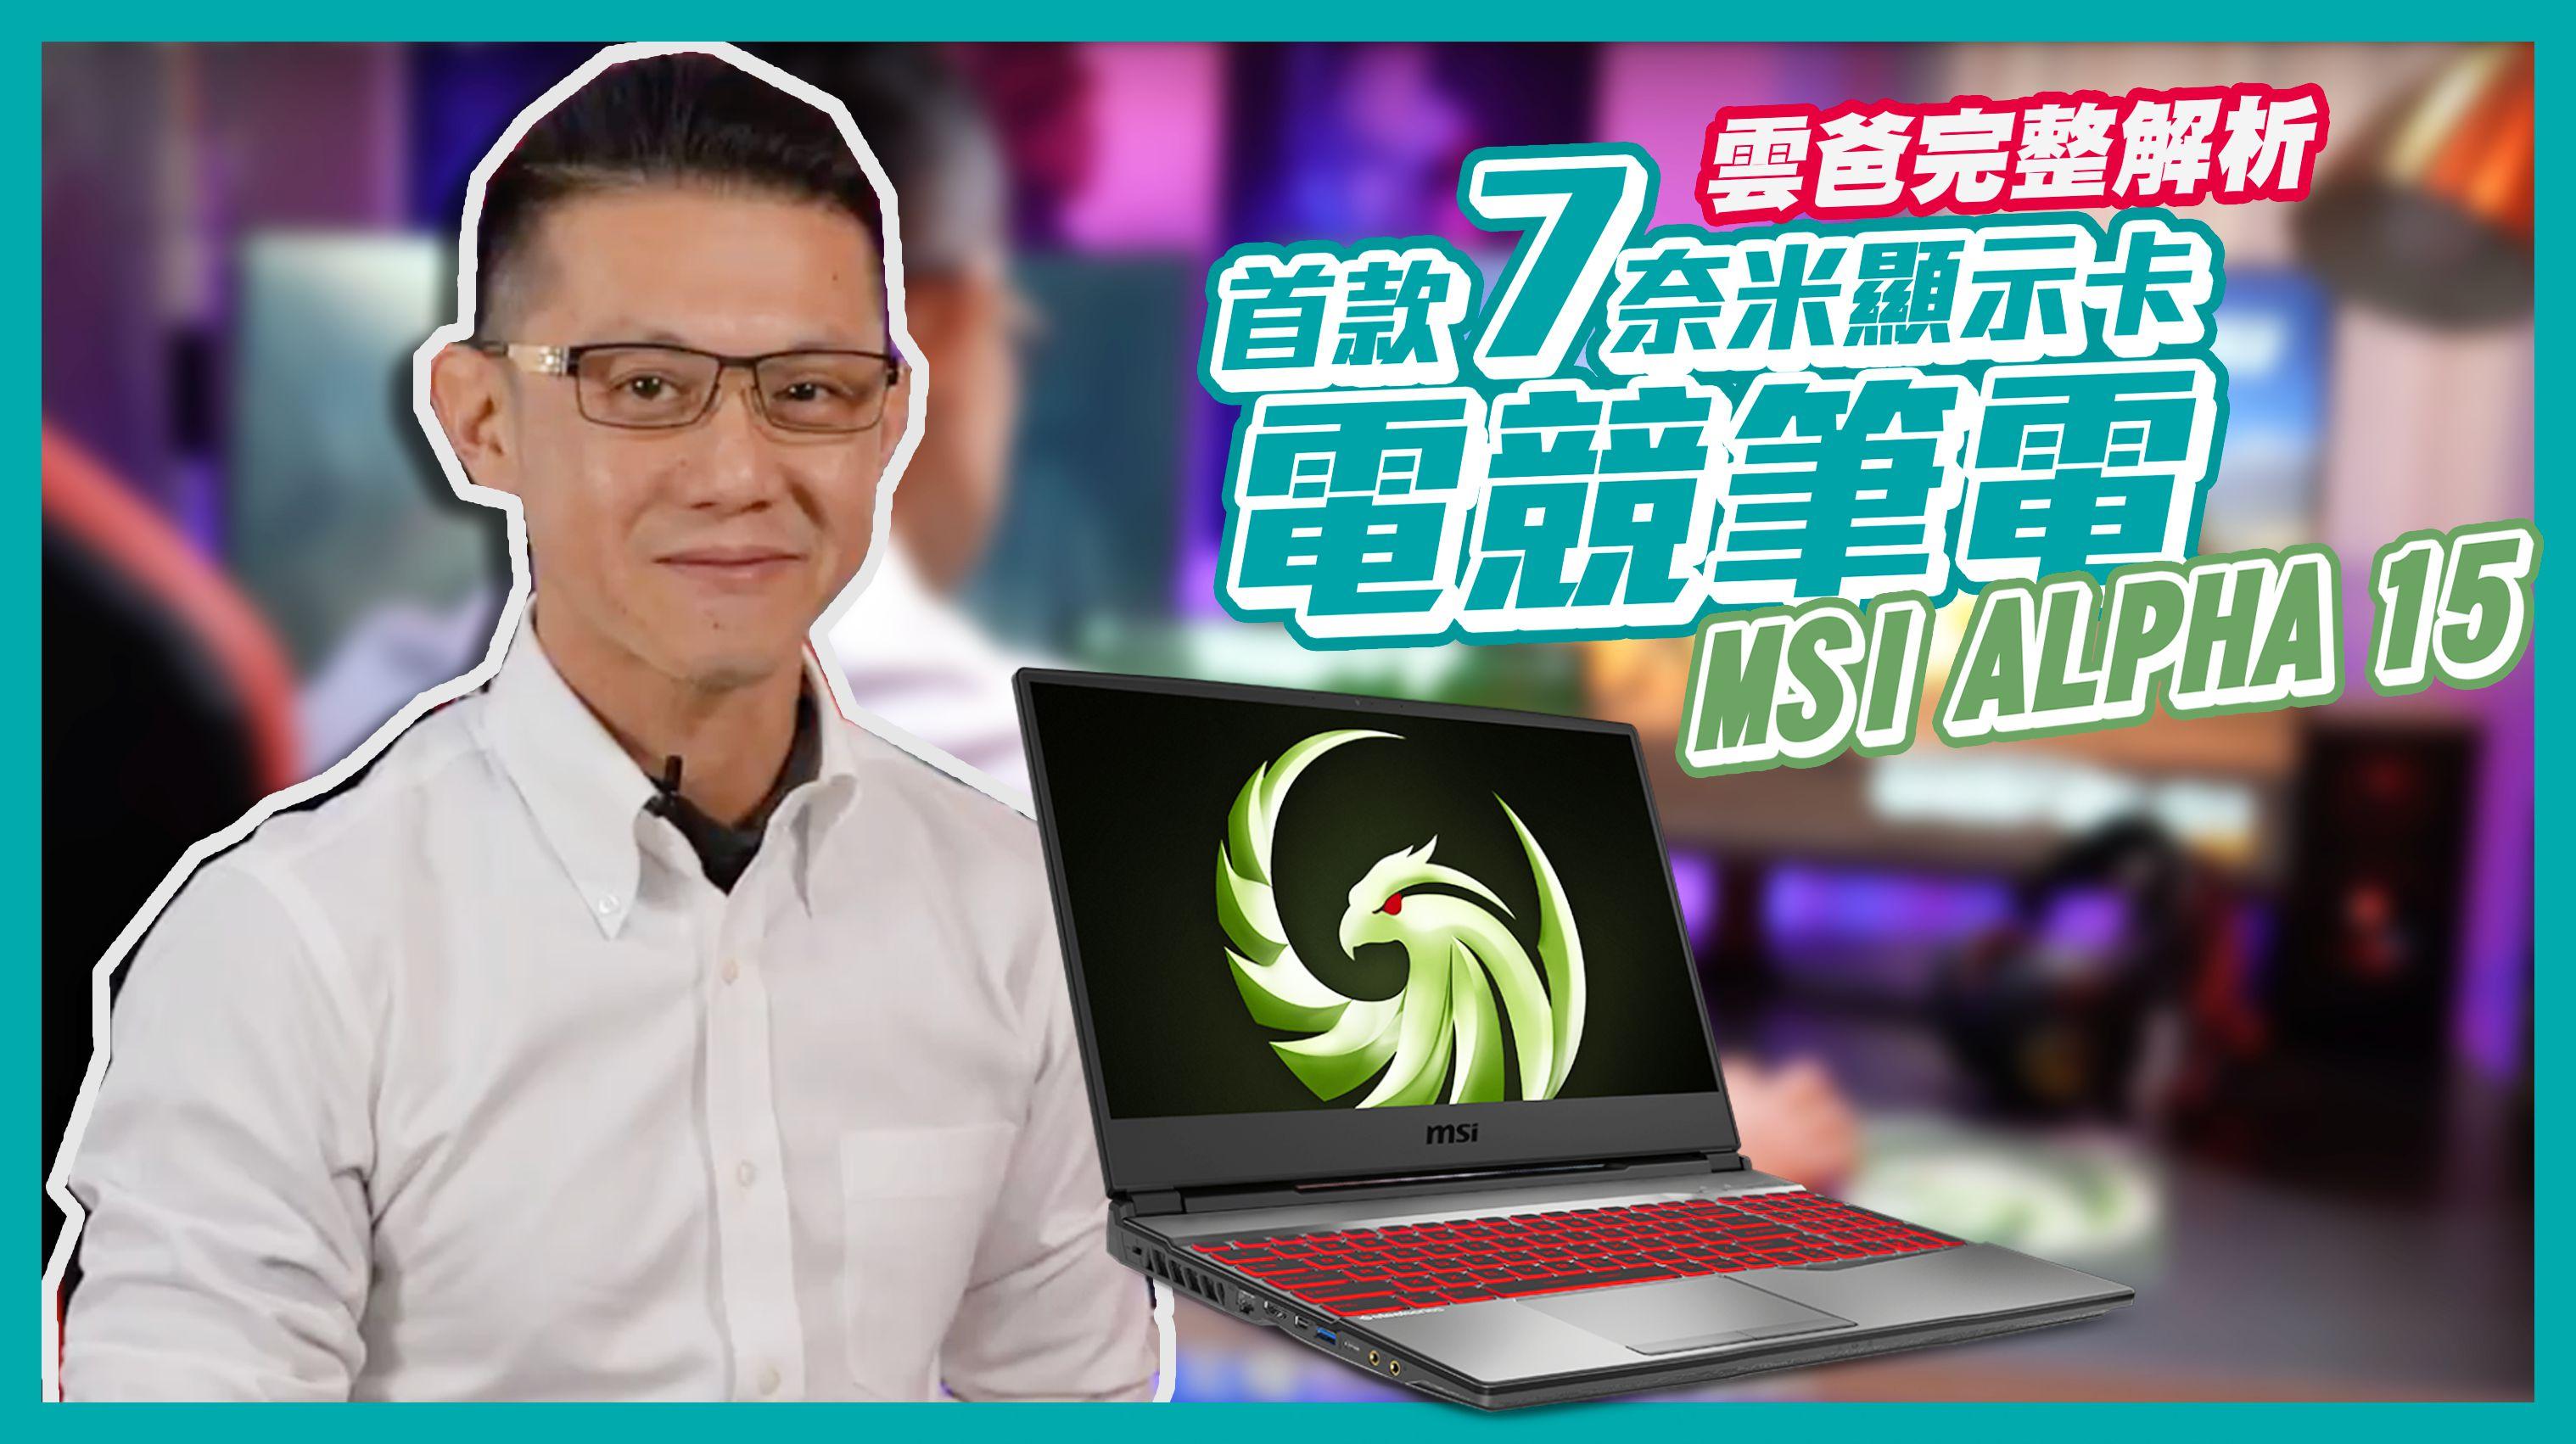 達人開箱│首款搭載 7 奈米顯示卡的電競筆電 MSI ALPHA 15 讓雲爸帶你完整解析!